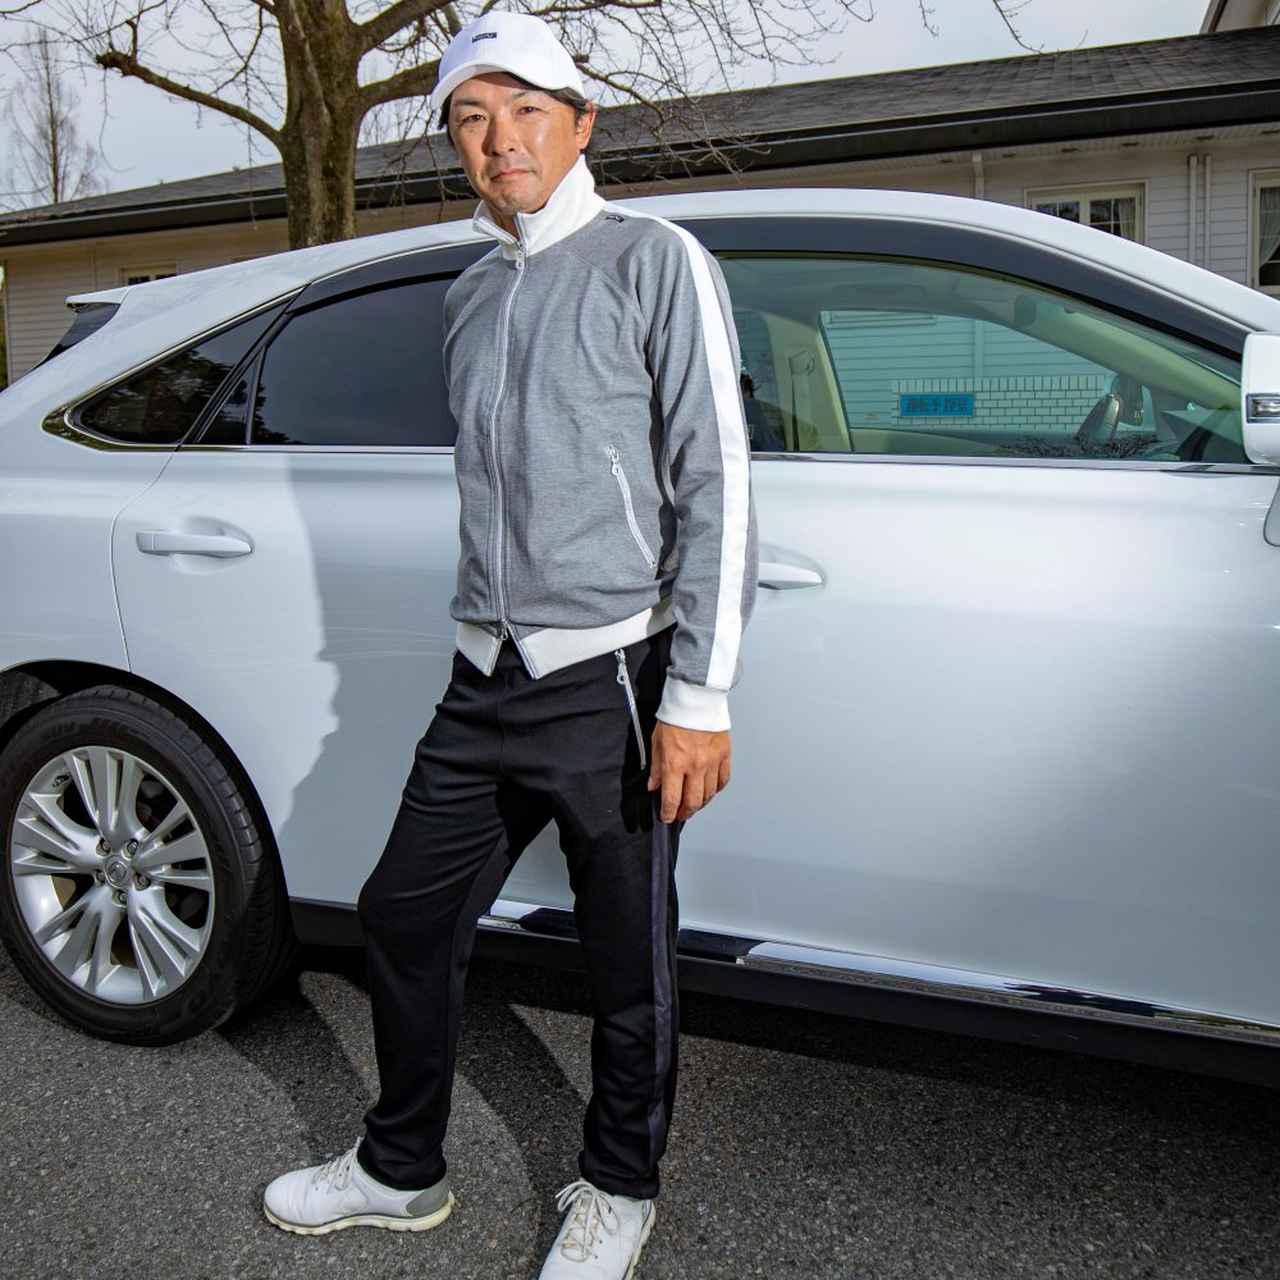 画像1: 【優越ブルゾン】HOSU ストレッチトラックジャケット-ゴルフダイジェスト公式通販サイト「ゴルフポケット」